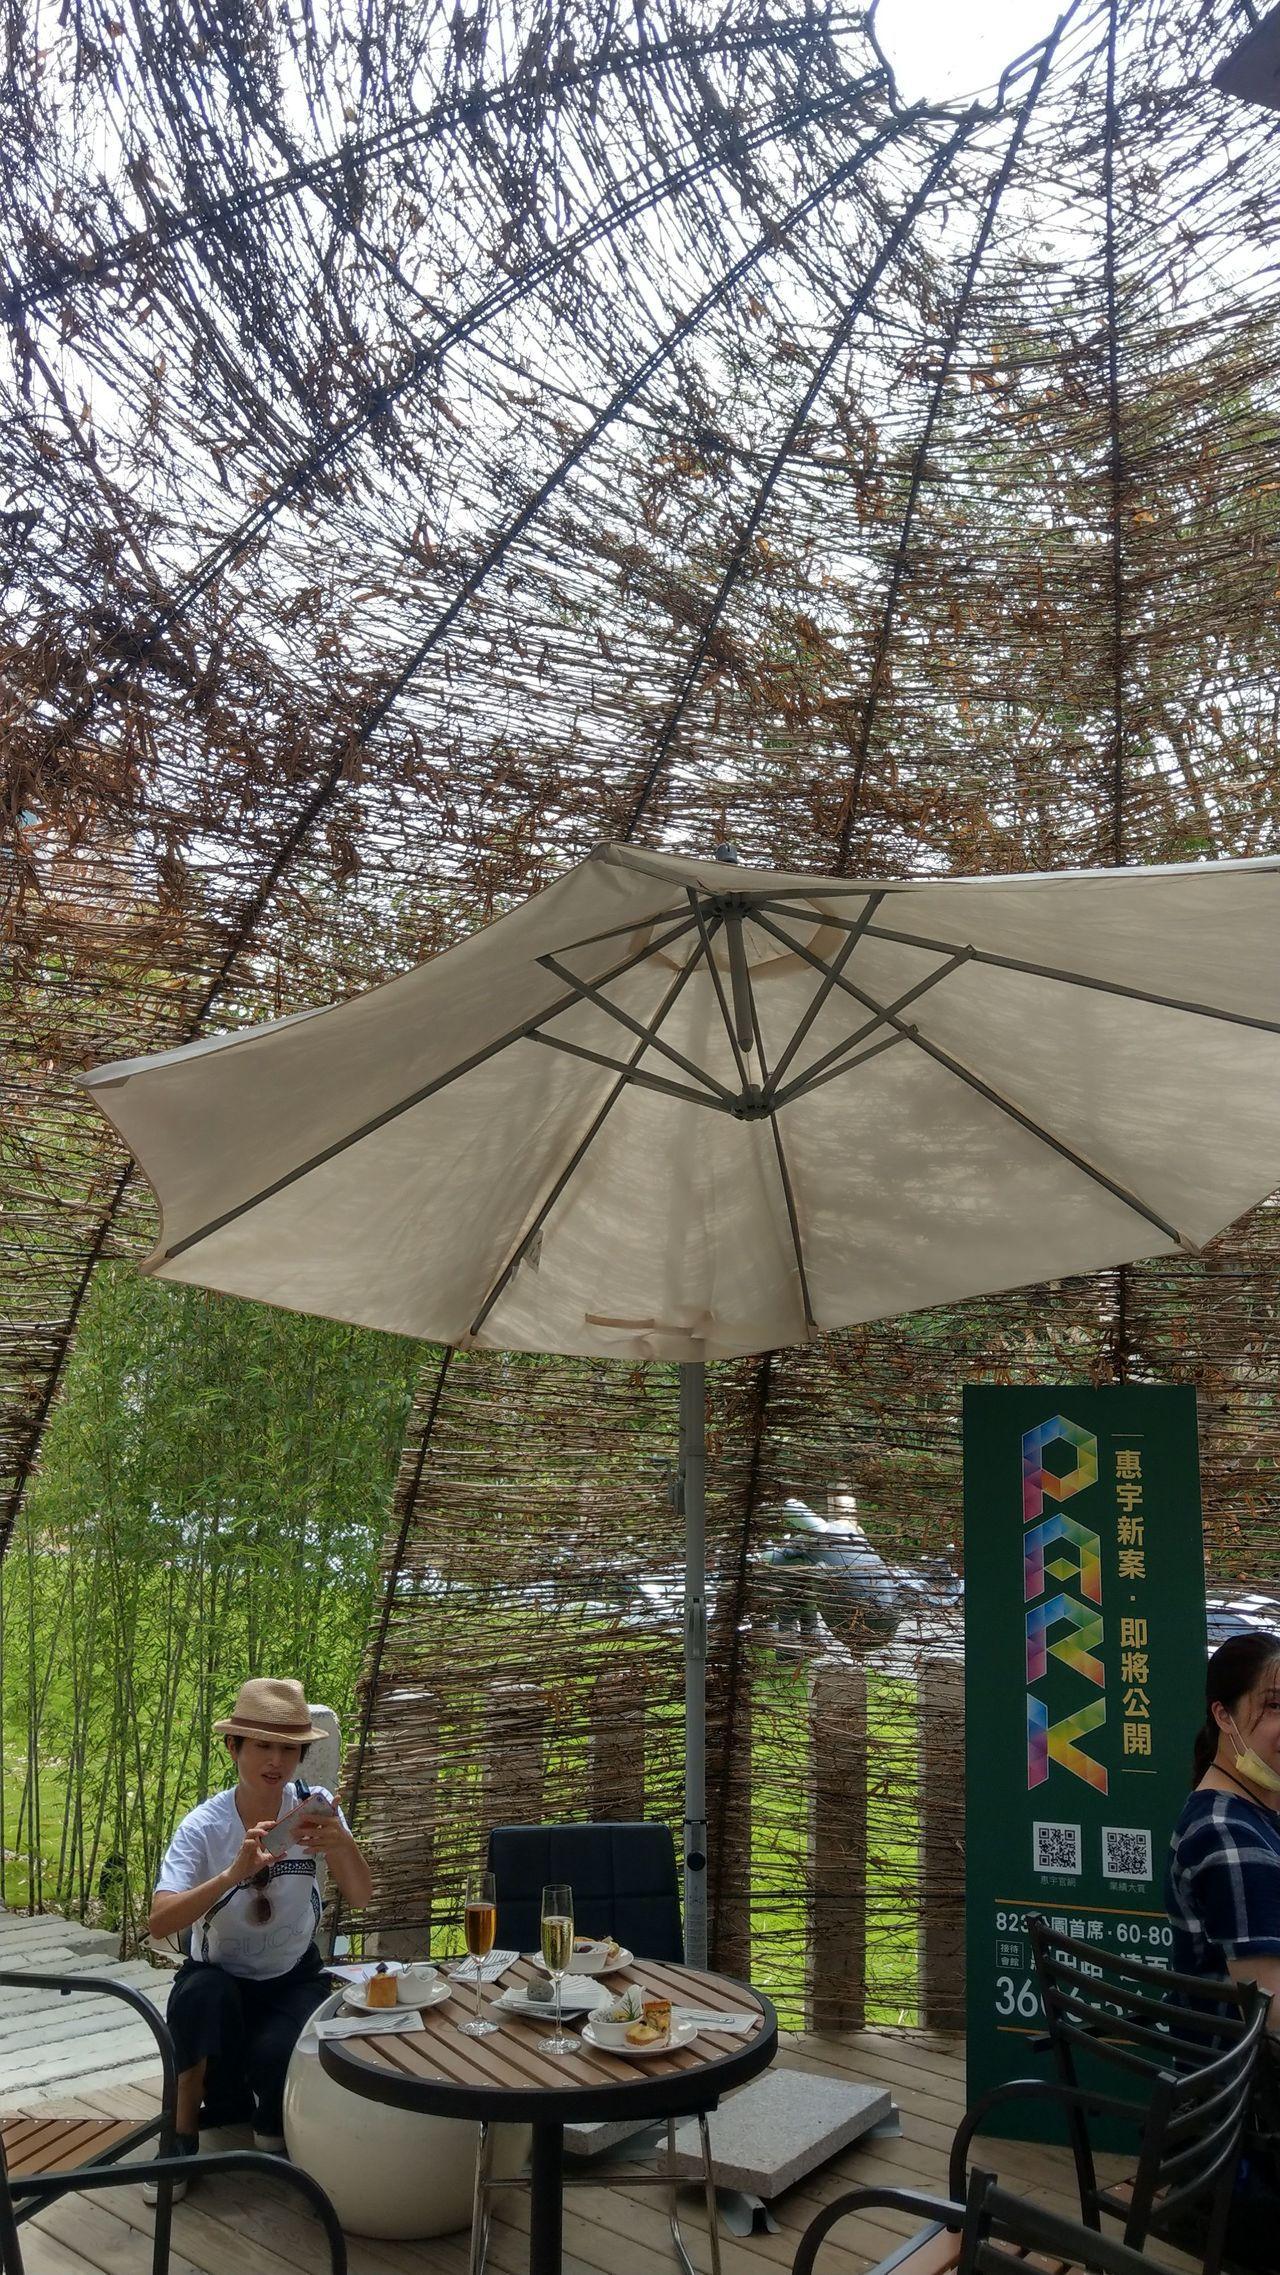 「惠宇PARK23」基地上的「台灣」標誌圓頂的竹編大型裝置藝術。記者趙容萱/攝影